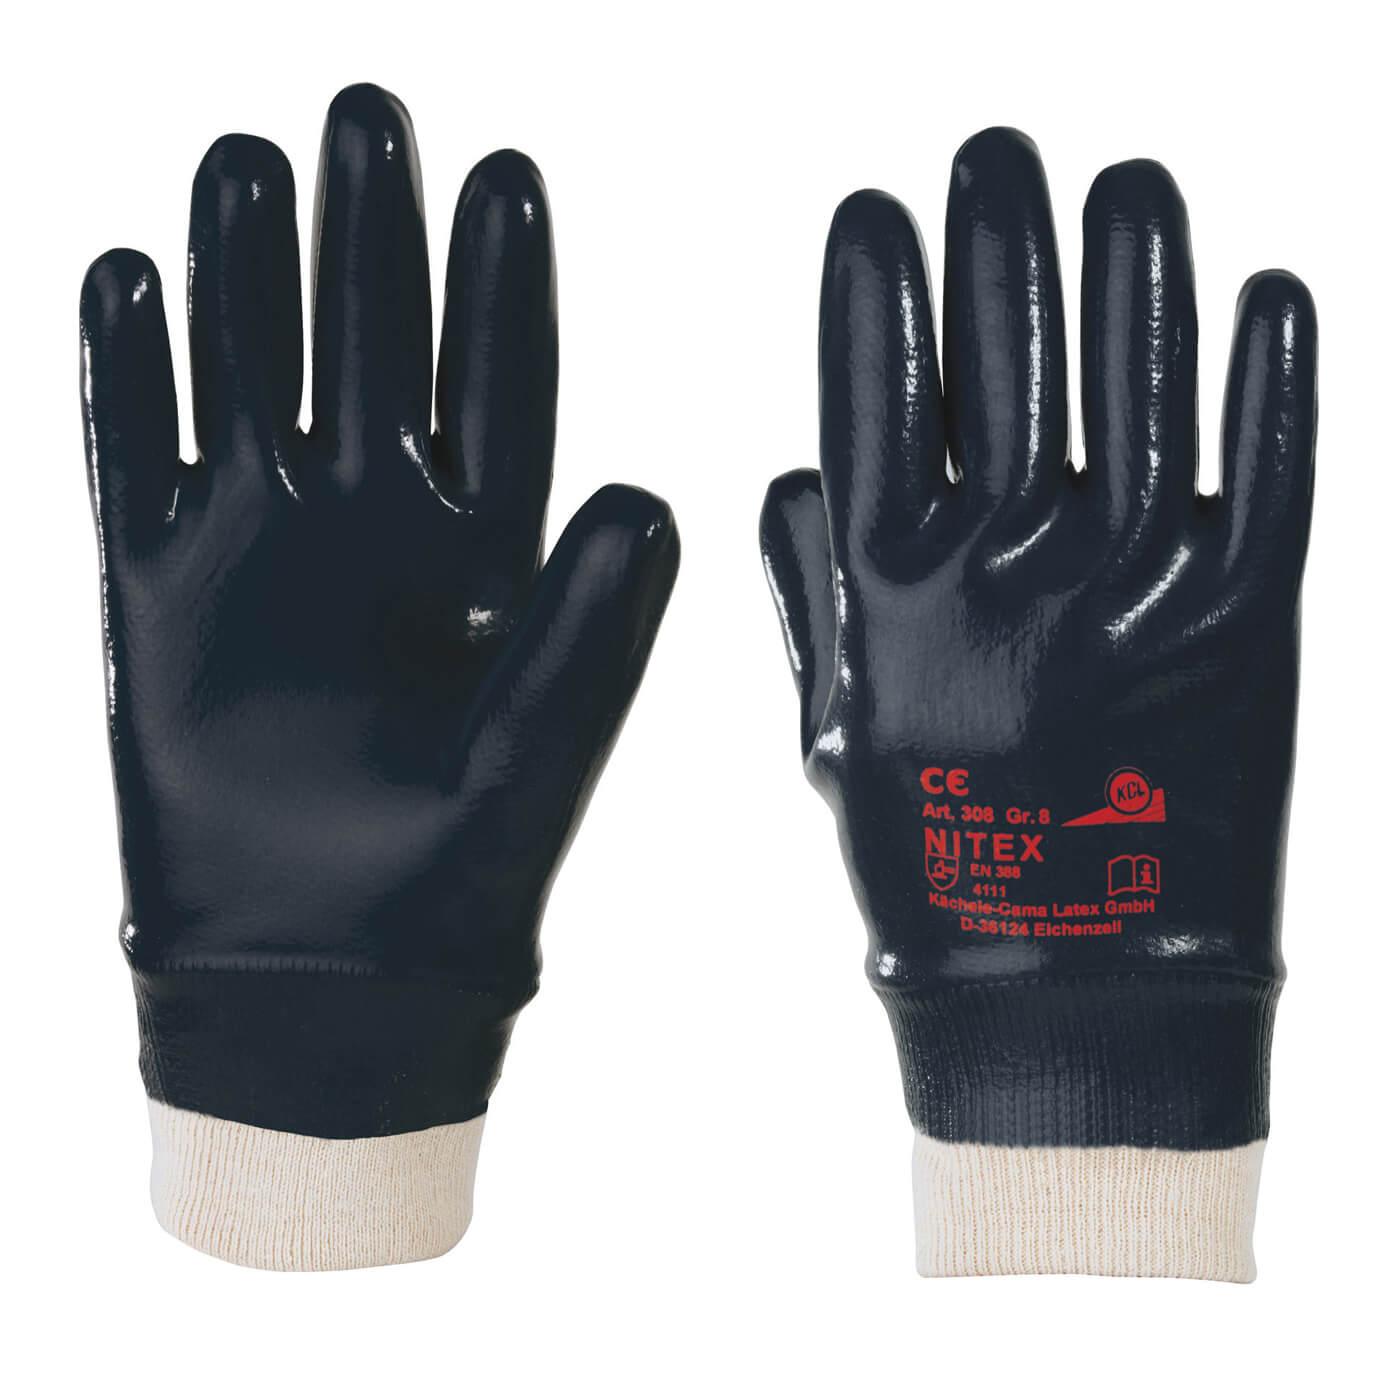 Rękawice mechaniczne KCL 308 NITEX